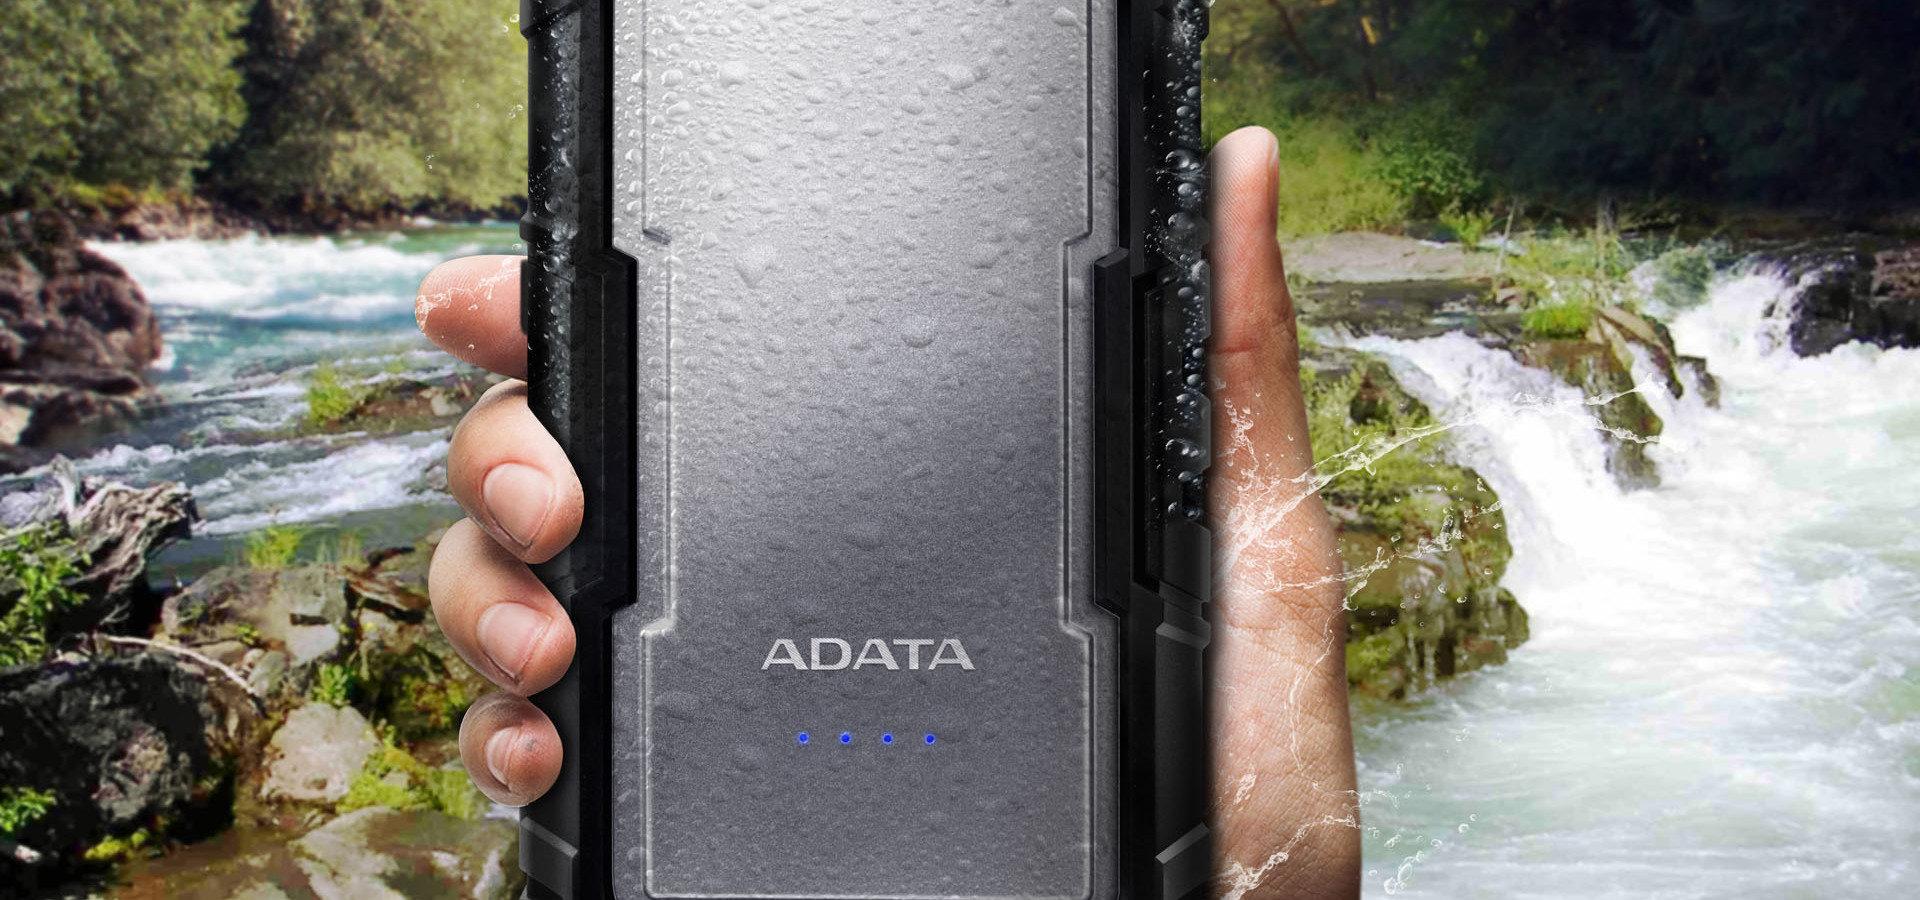 Powerbank ADATA D16750 - markowe ogniwa w wodoszczelnej obudowie